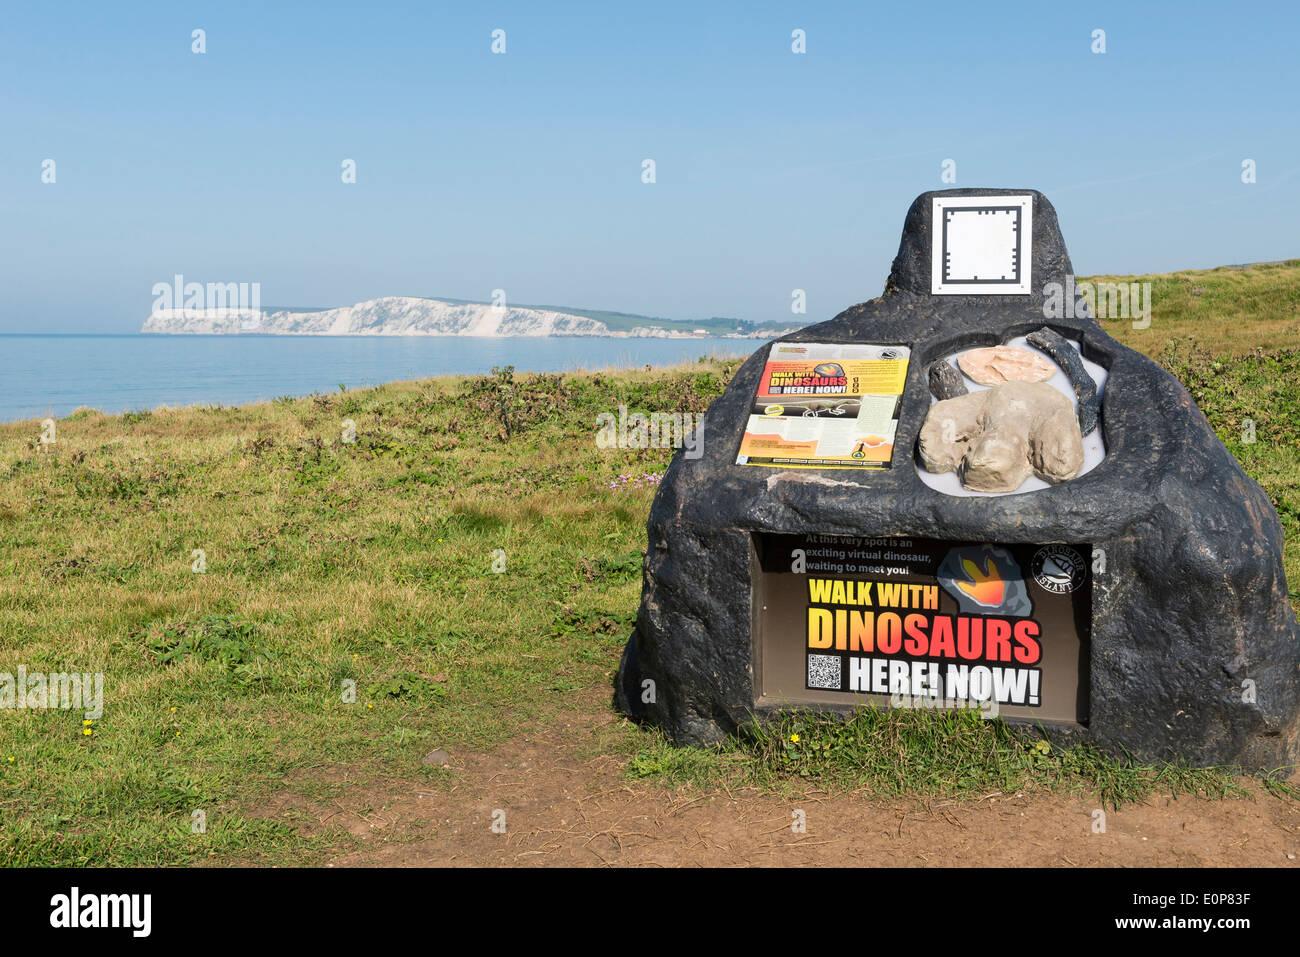 Camminare con i dinosauri dove è possibile scaricare un'app e a questo spot è un uscita dinosauro virtuale in attesa di incontrarvi. IOW Foto Stock